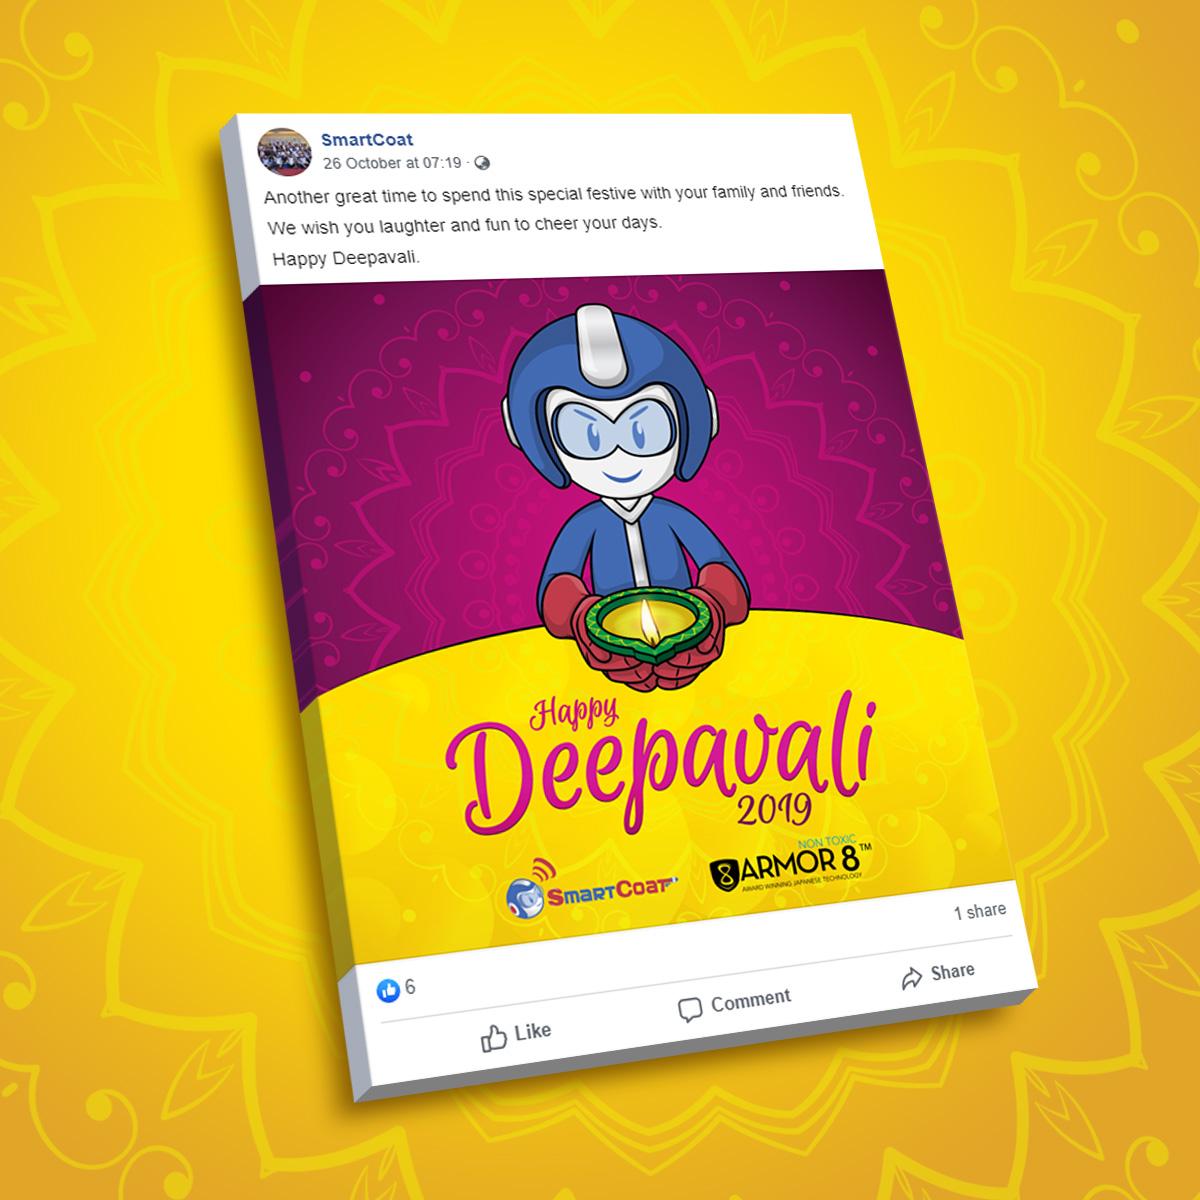 SmartCoat and Armor8 Happy Deepavali 2019 Facebook Post Design 03